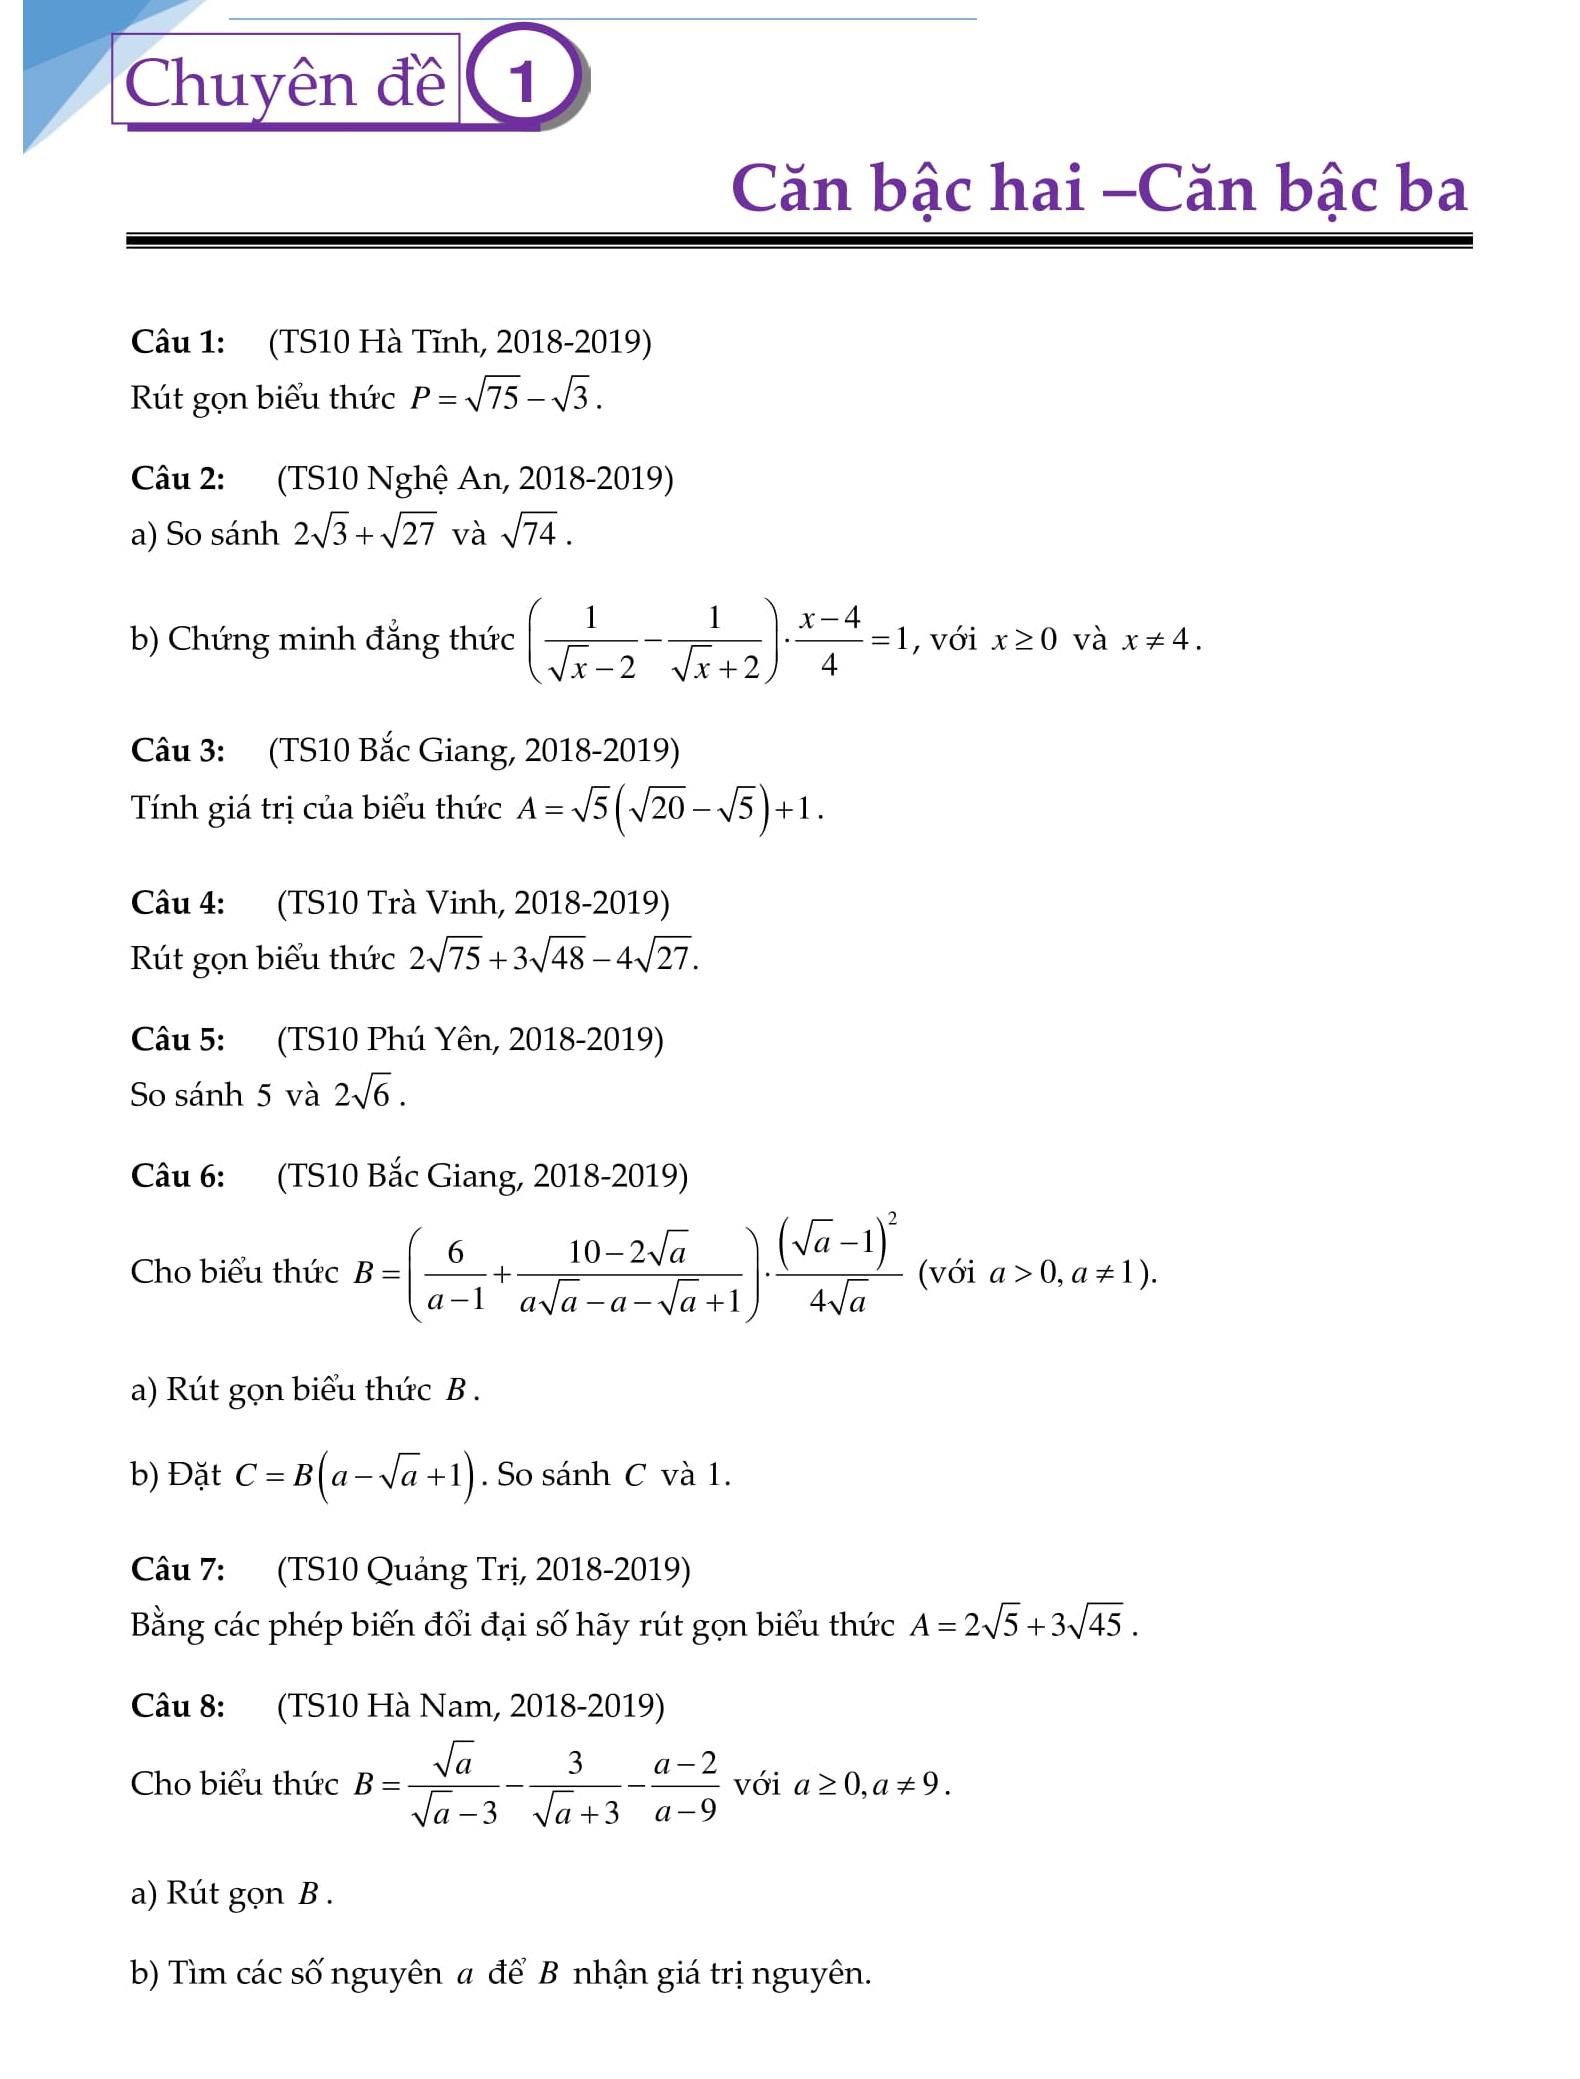 Bài tập trọng tâm trong HK1 Toán Đại số 9